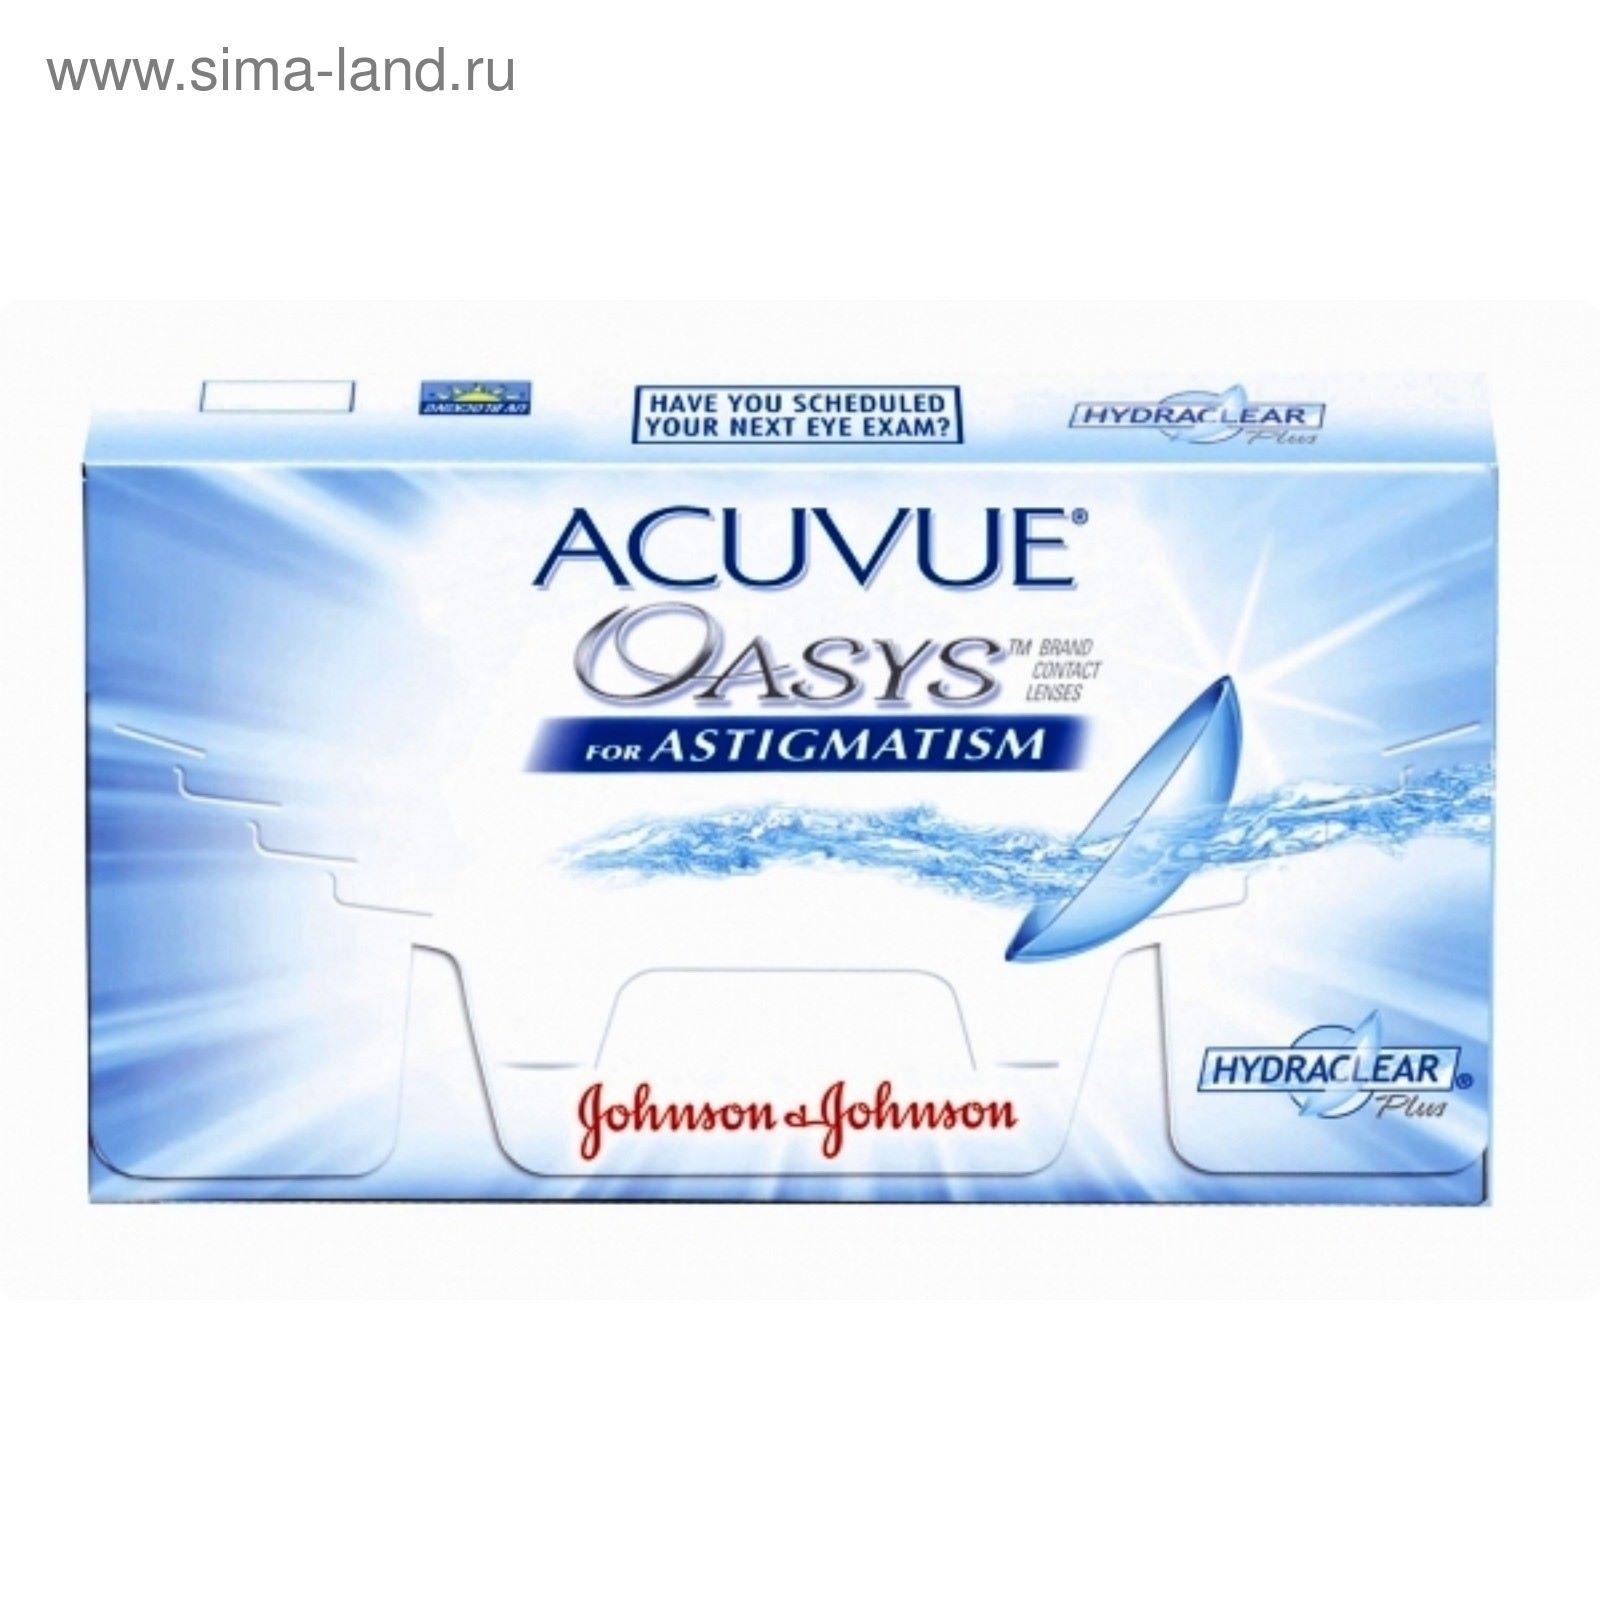 Контактные линзы Acuvue Oasys for Astigmatism, +1.5/8,6/-1.75/130, в наборе 6шт